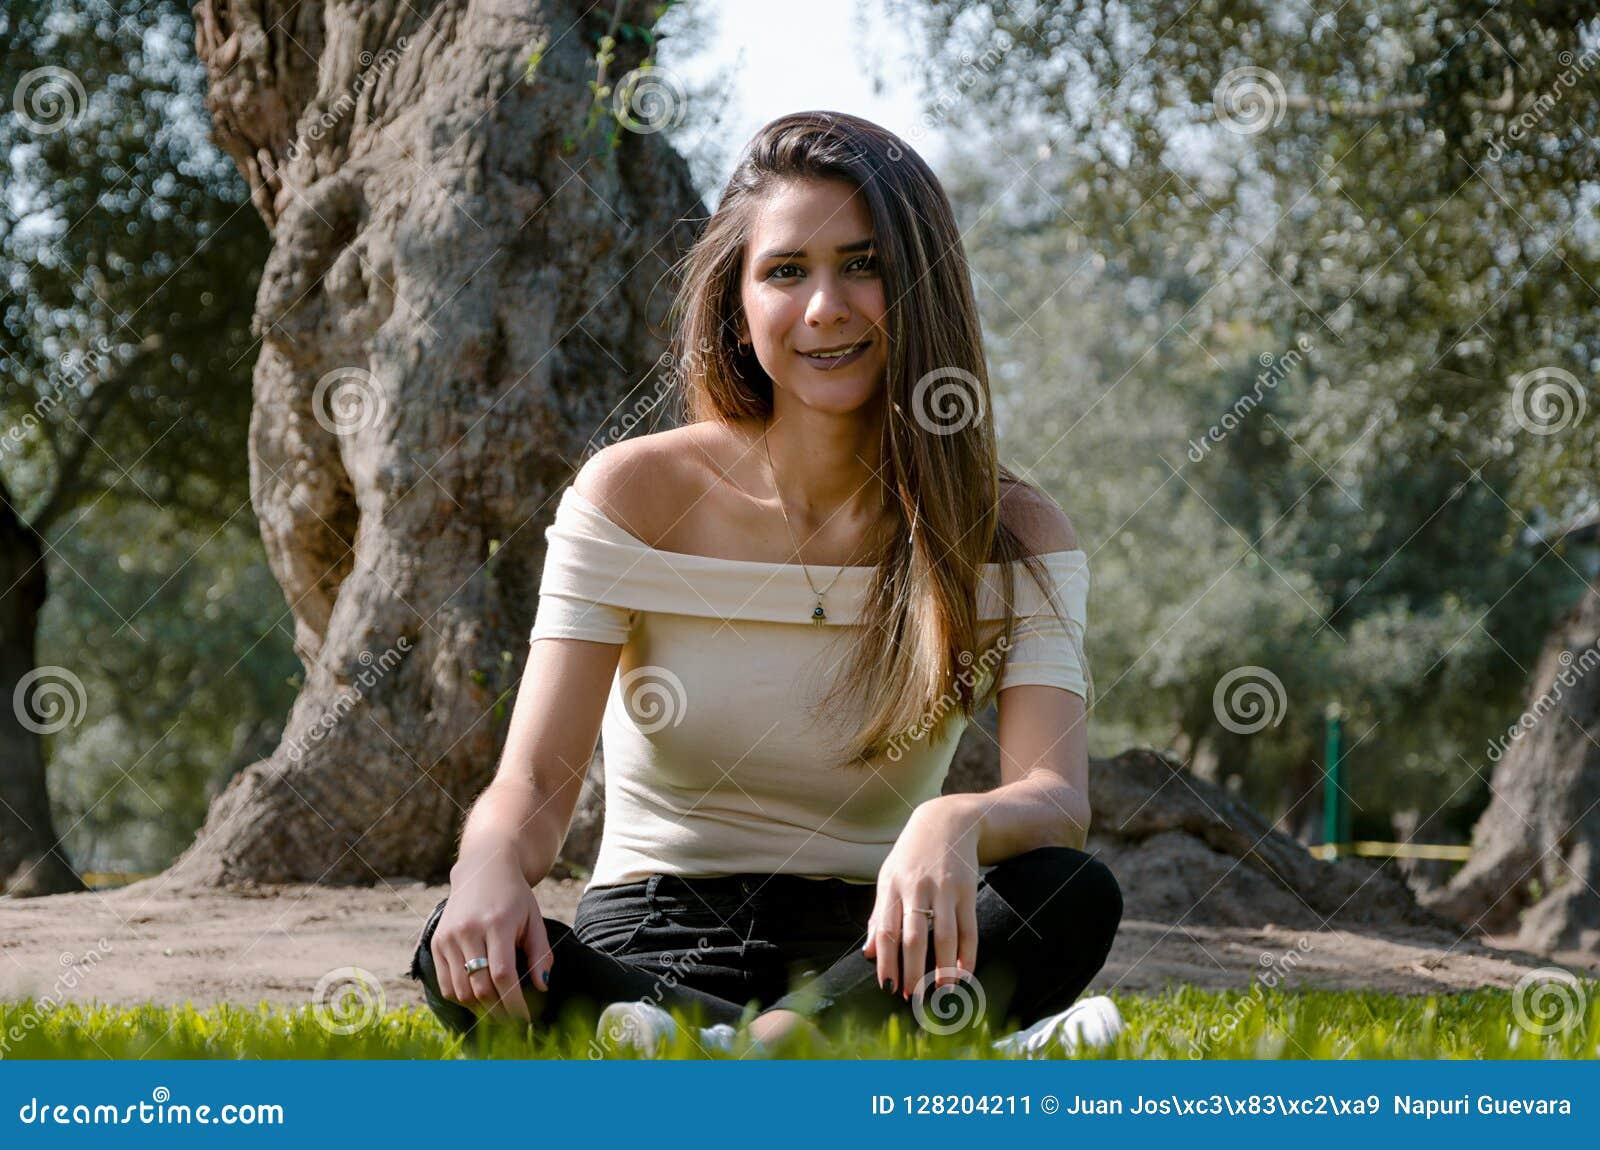 Seduta castana allegra alla moda sotto un albero in un parco